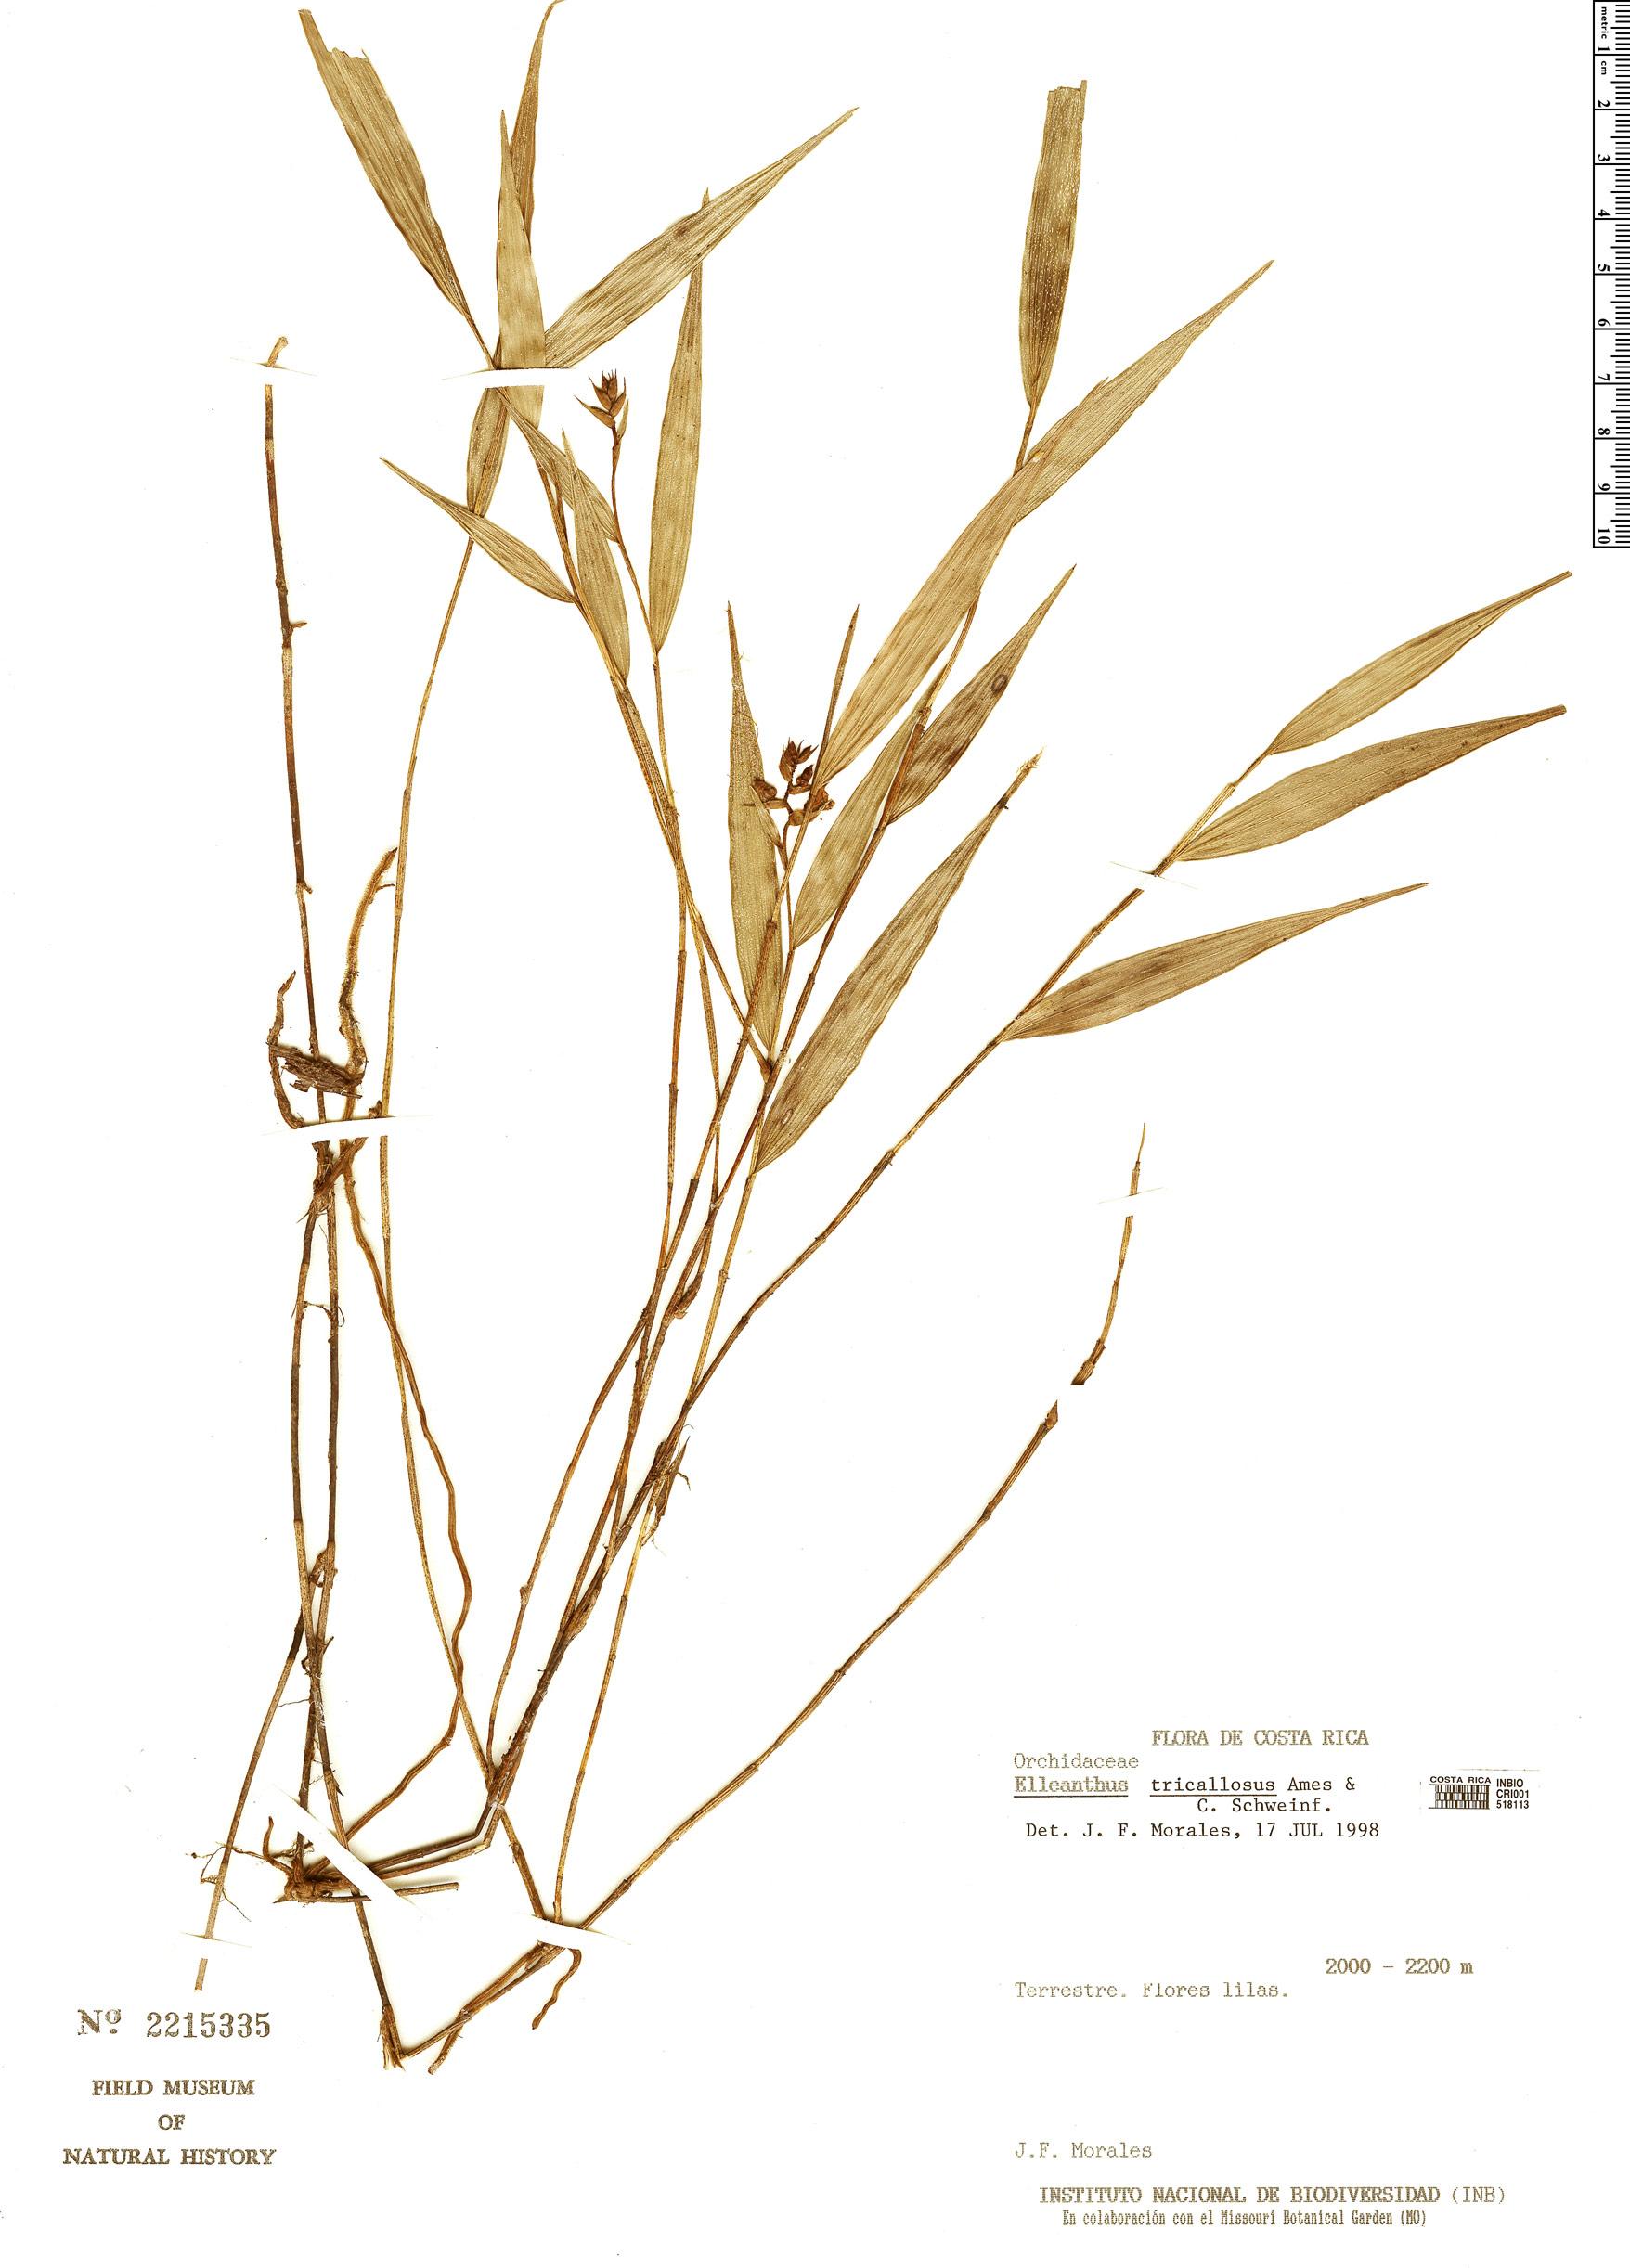 Specimen: Elleanthus tricallosus